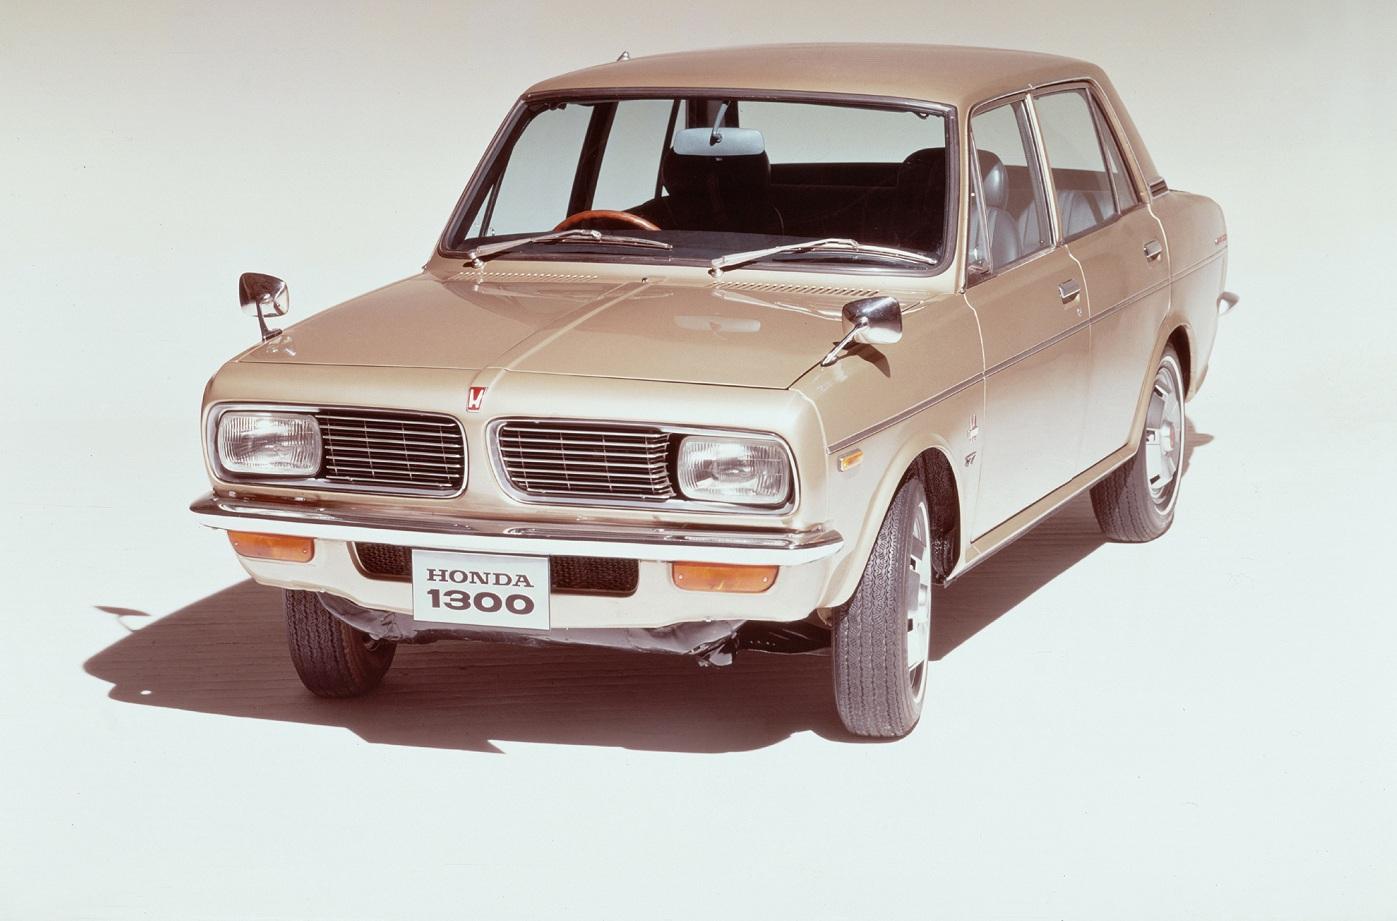 1973 Honda 1300 Sedan